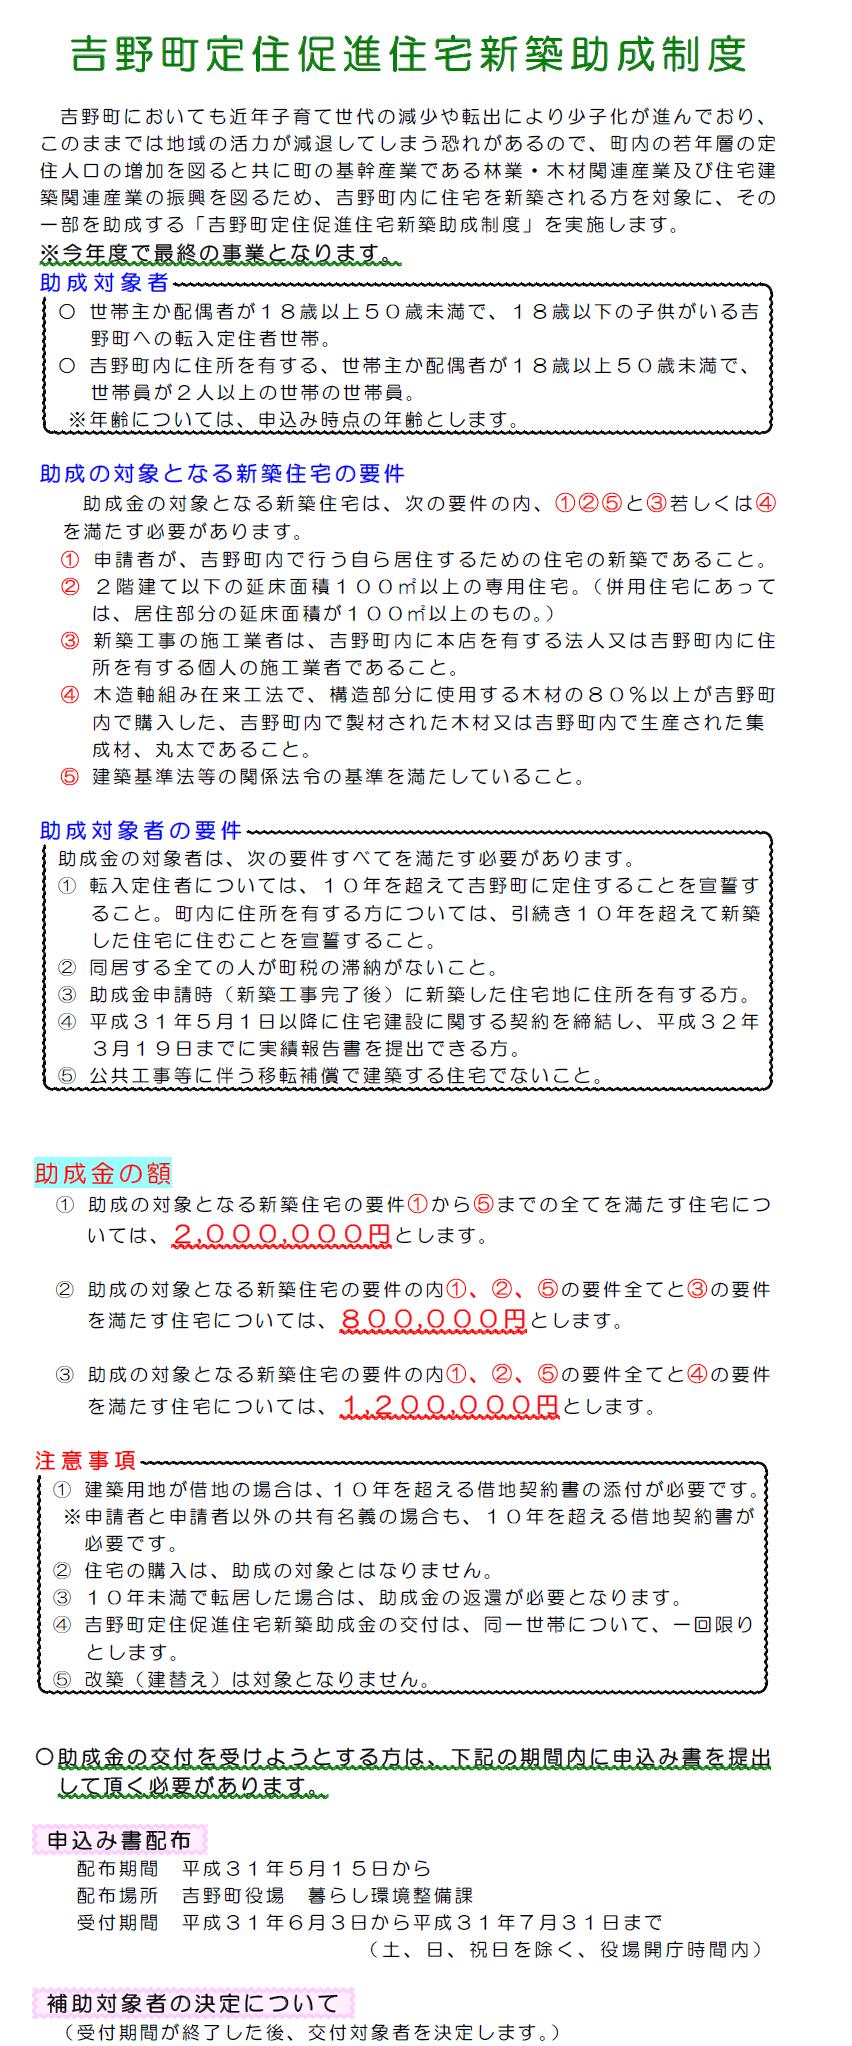 吉野町定住促進住宅新築助成制度.png